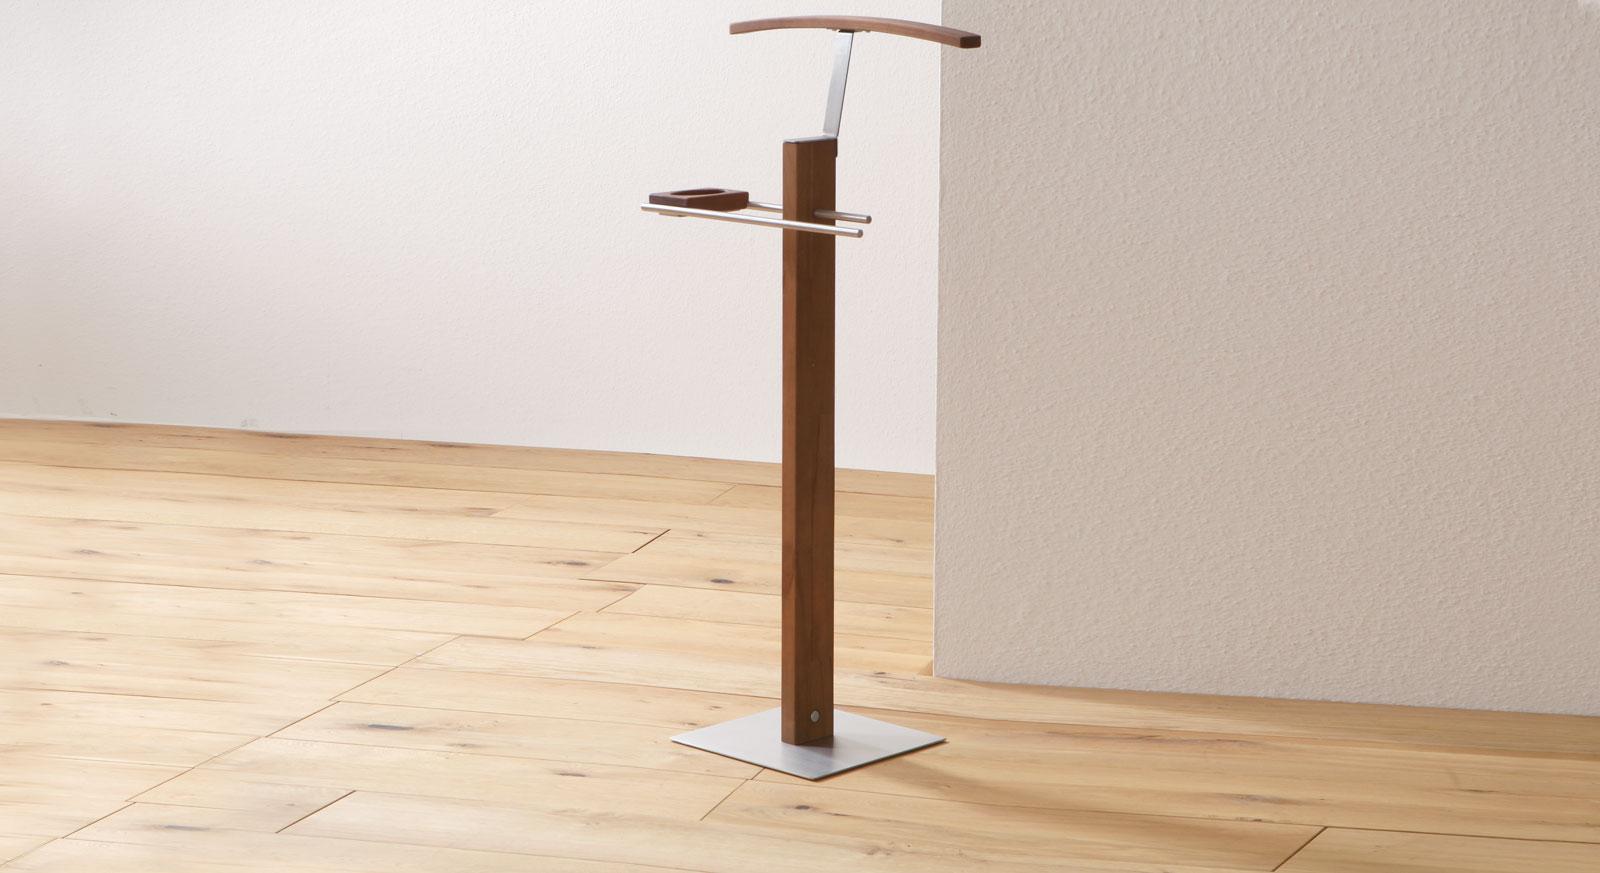 herrendiener aus massiver buche gefertigt silvio. Black Bedroom Furniture Sets. Home Design Ideas